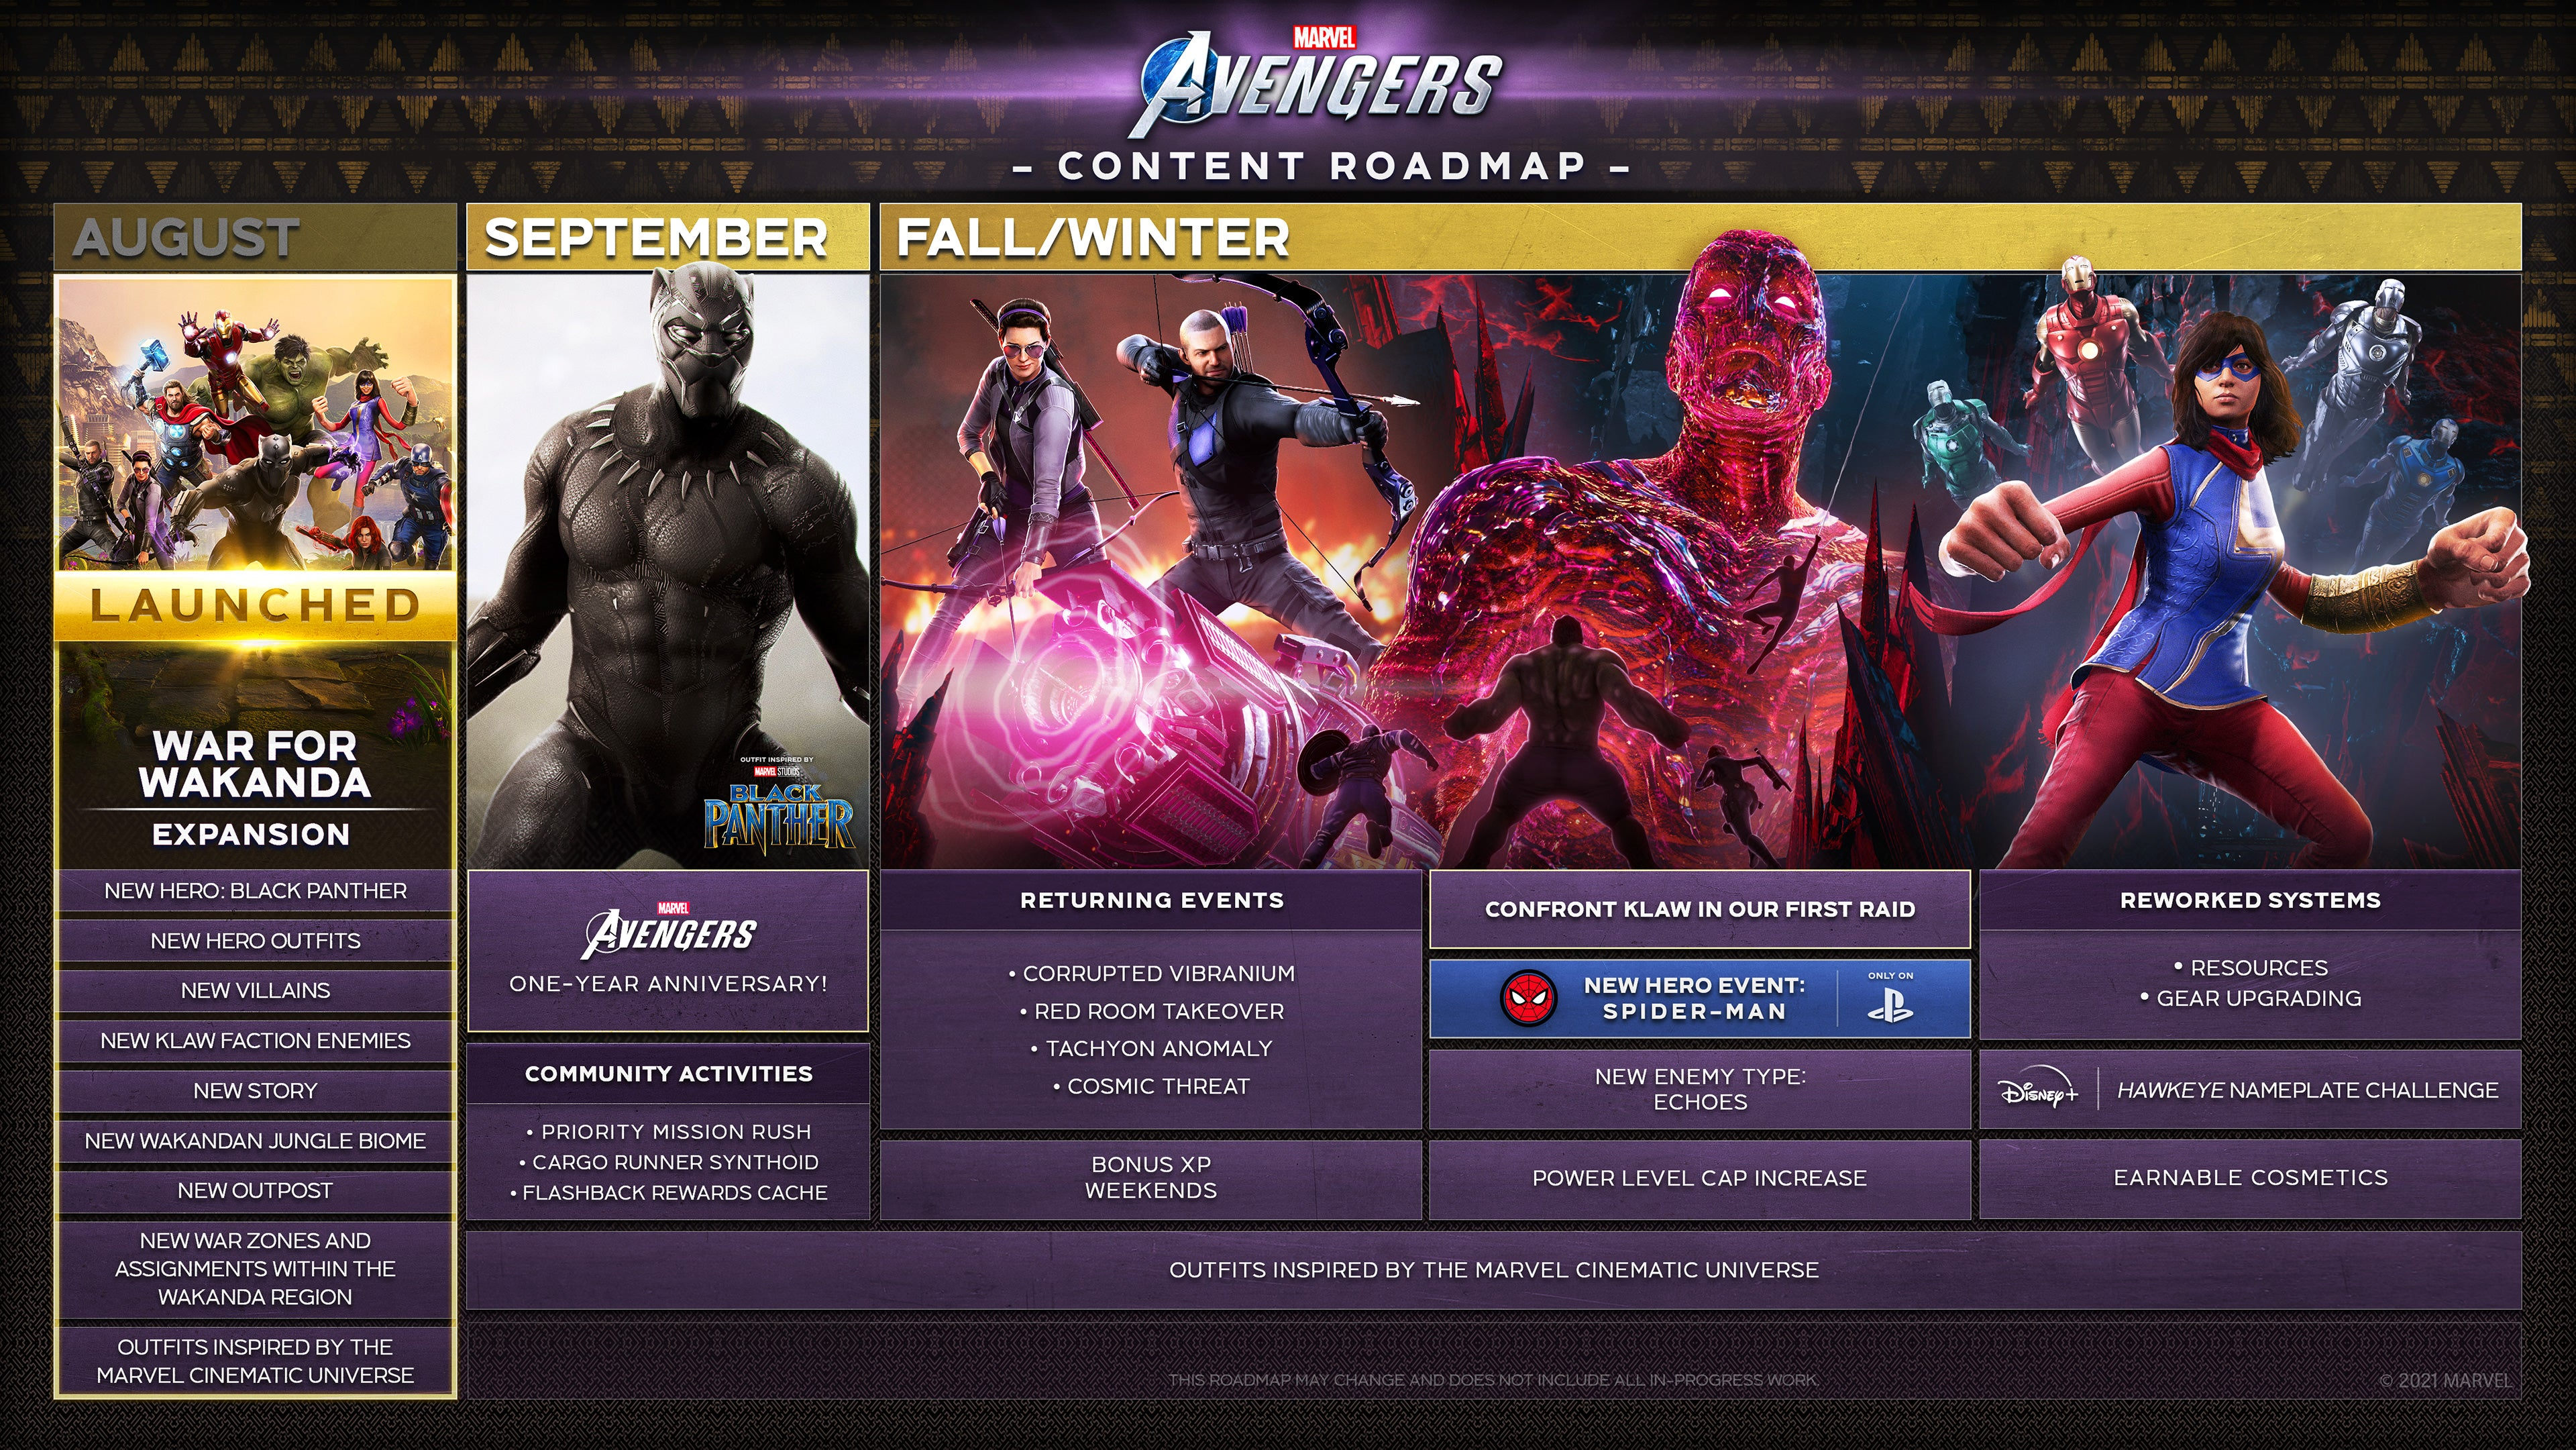 Человек-паук, новый вид врагов и первый рейд — дорожная карта Marvel's Avengers до конца года